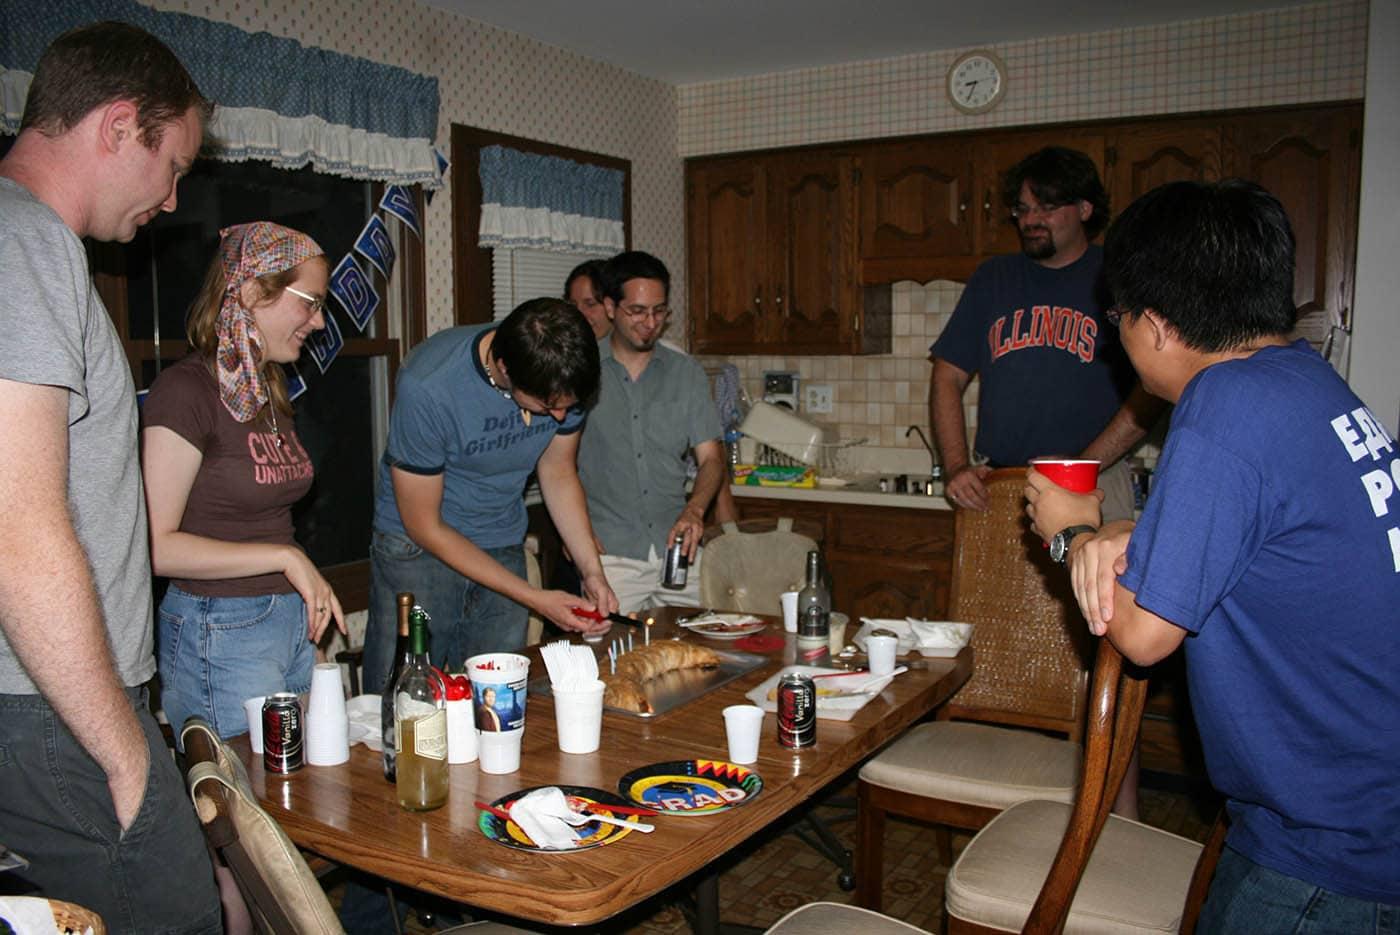 Cynthia's birthday party.